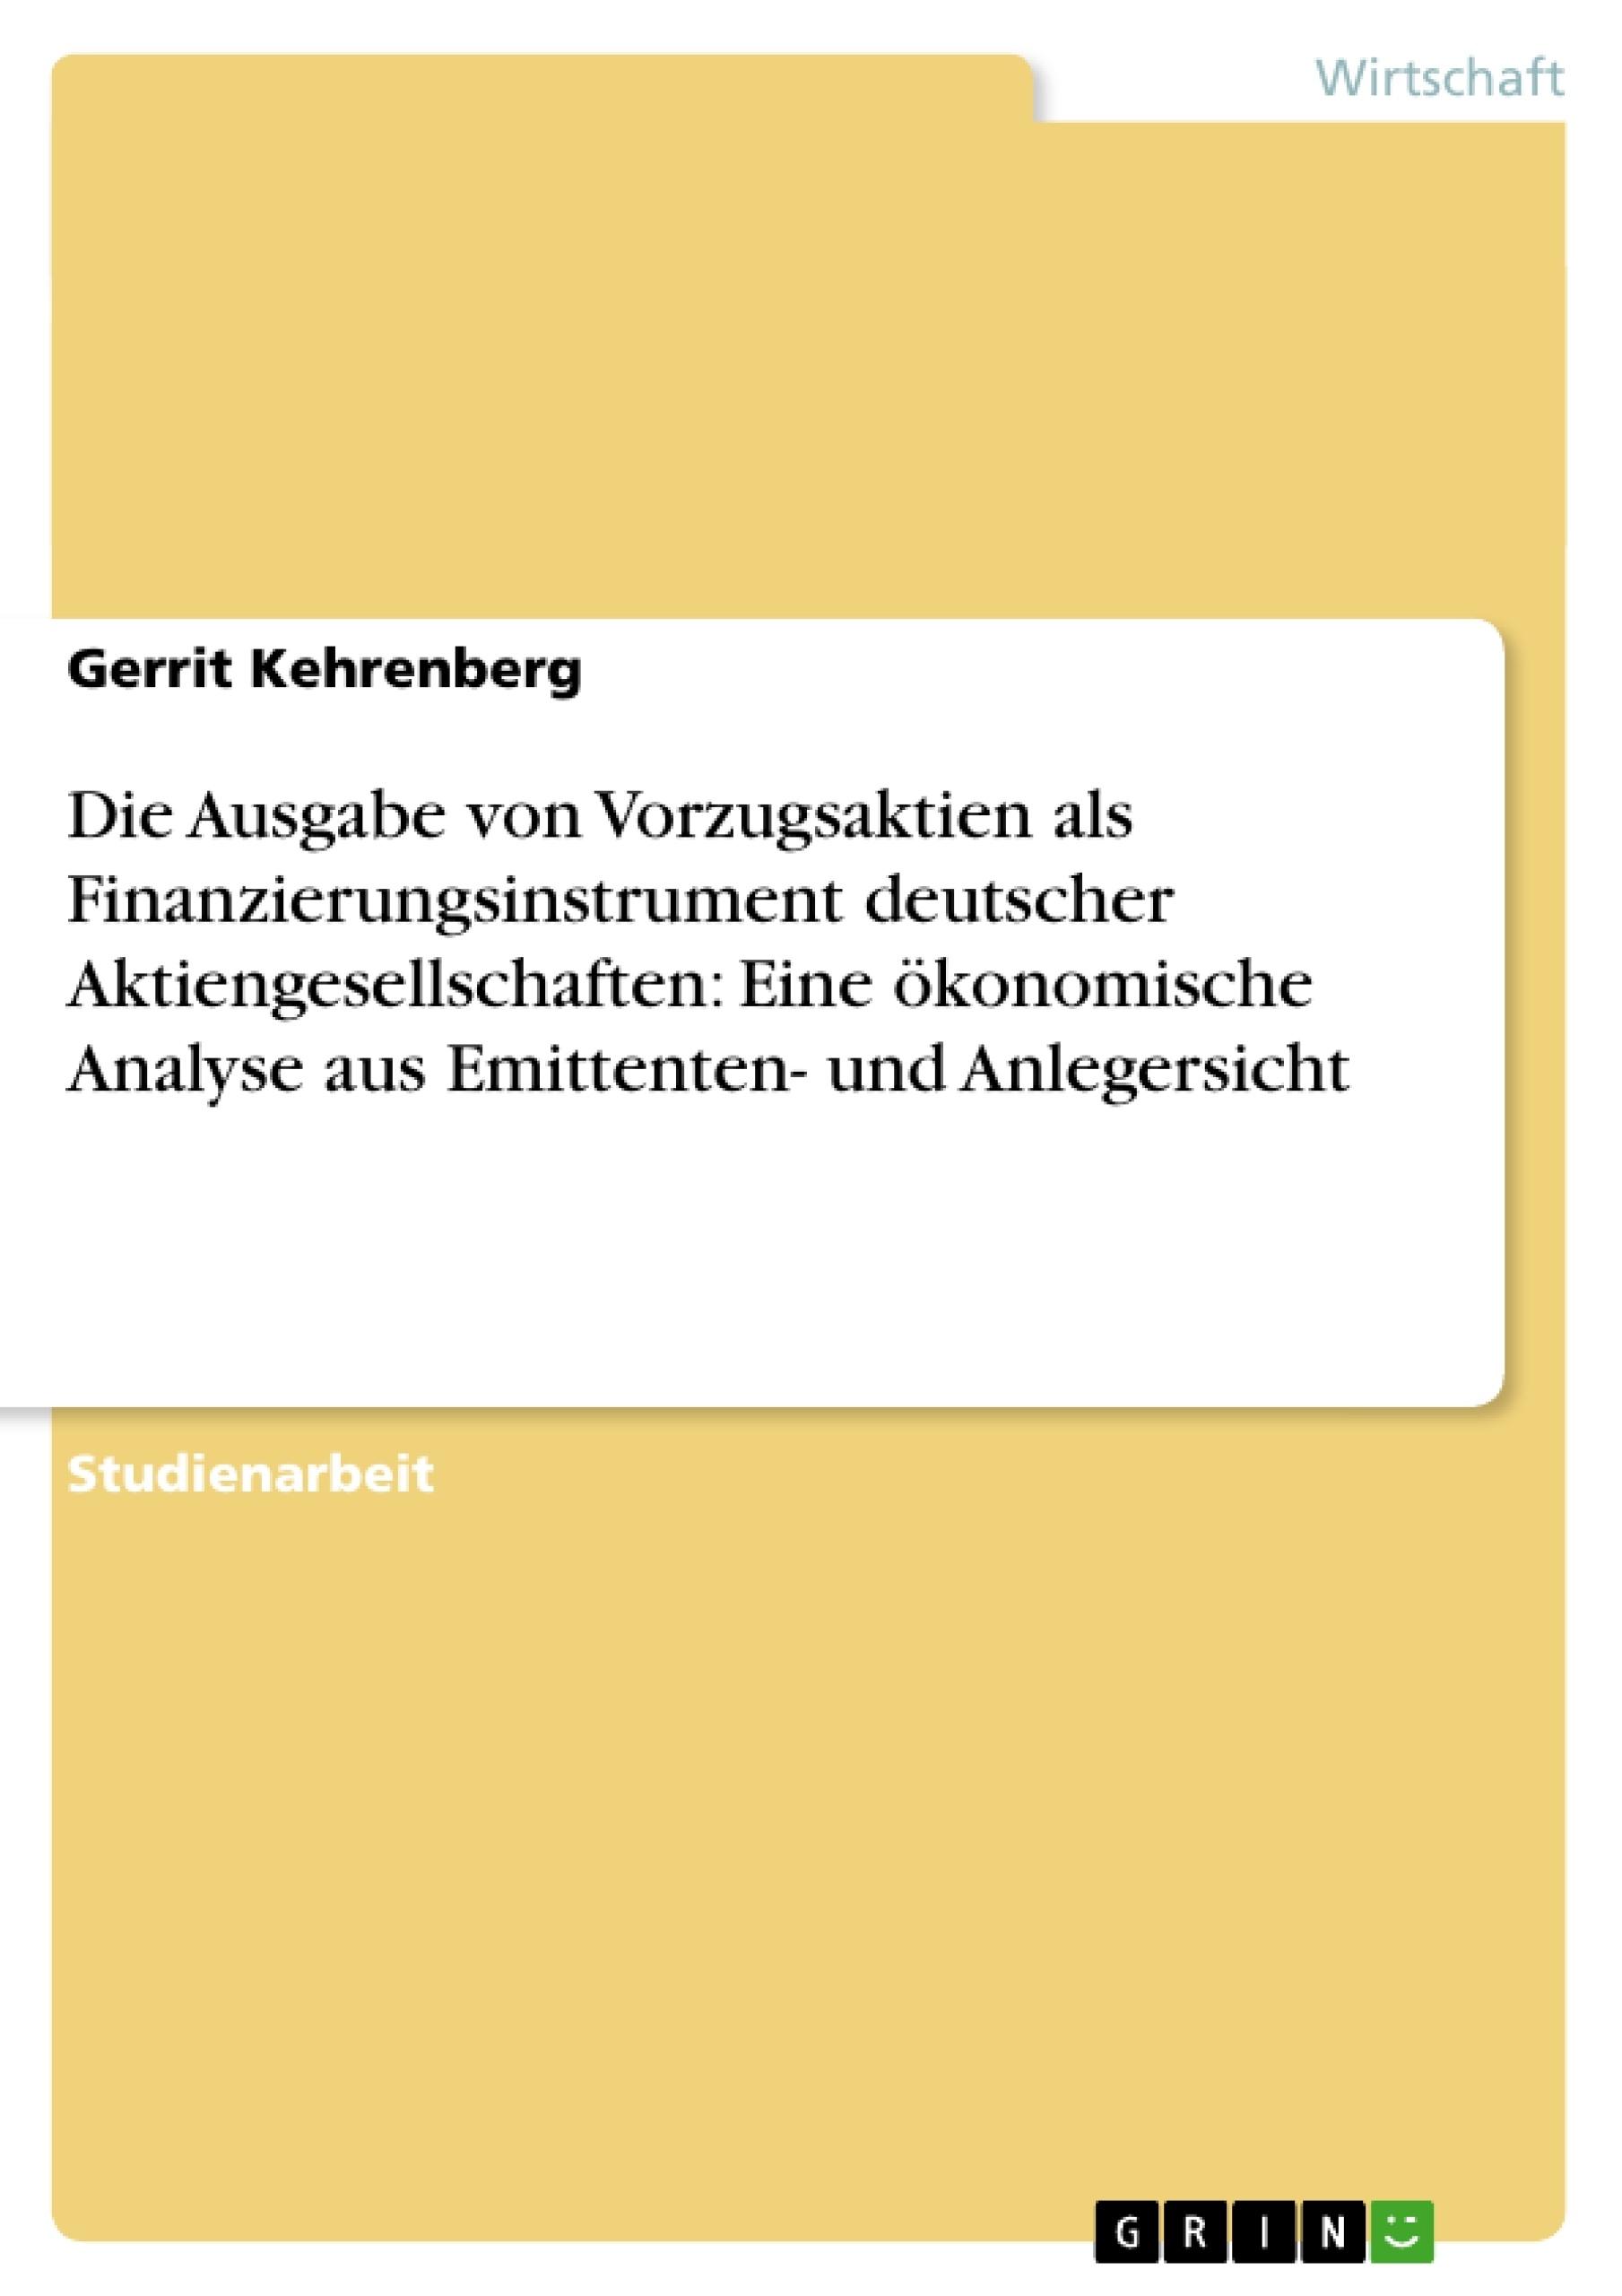 Titel: Die Ausgabe von Vorzugsaktien als Finanzierungsinstrument deutscher Aktiengesellschaften: Eine ökonomische Analyse aus Emittenten- und Anlegersicht